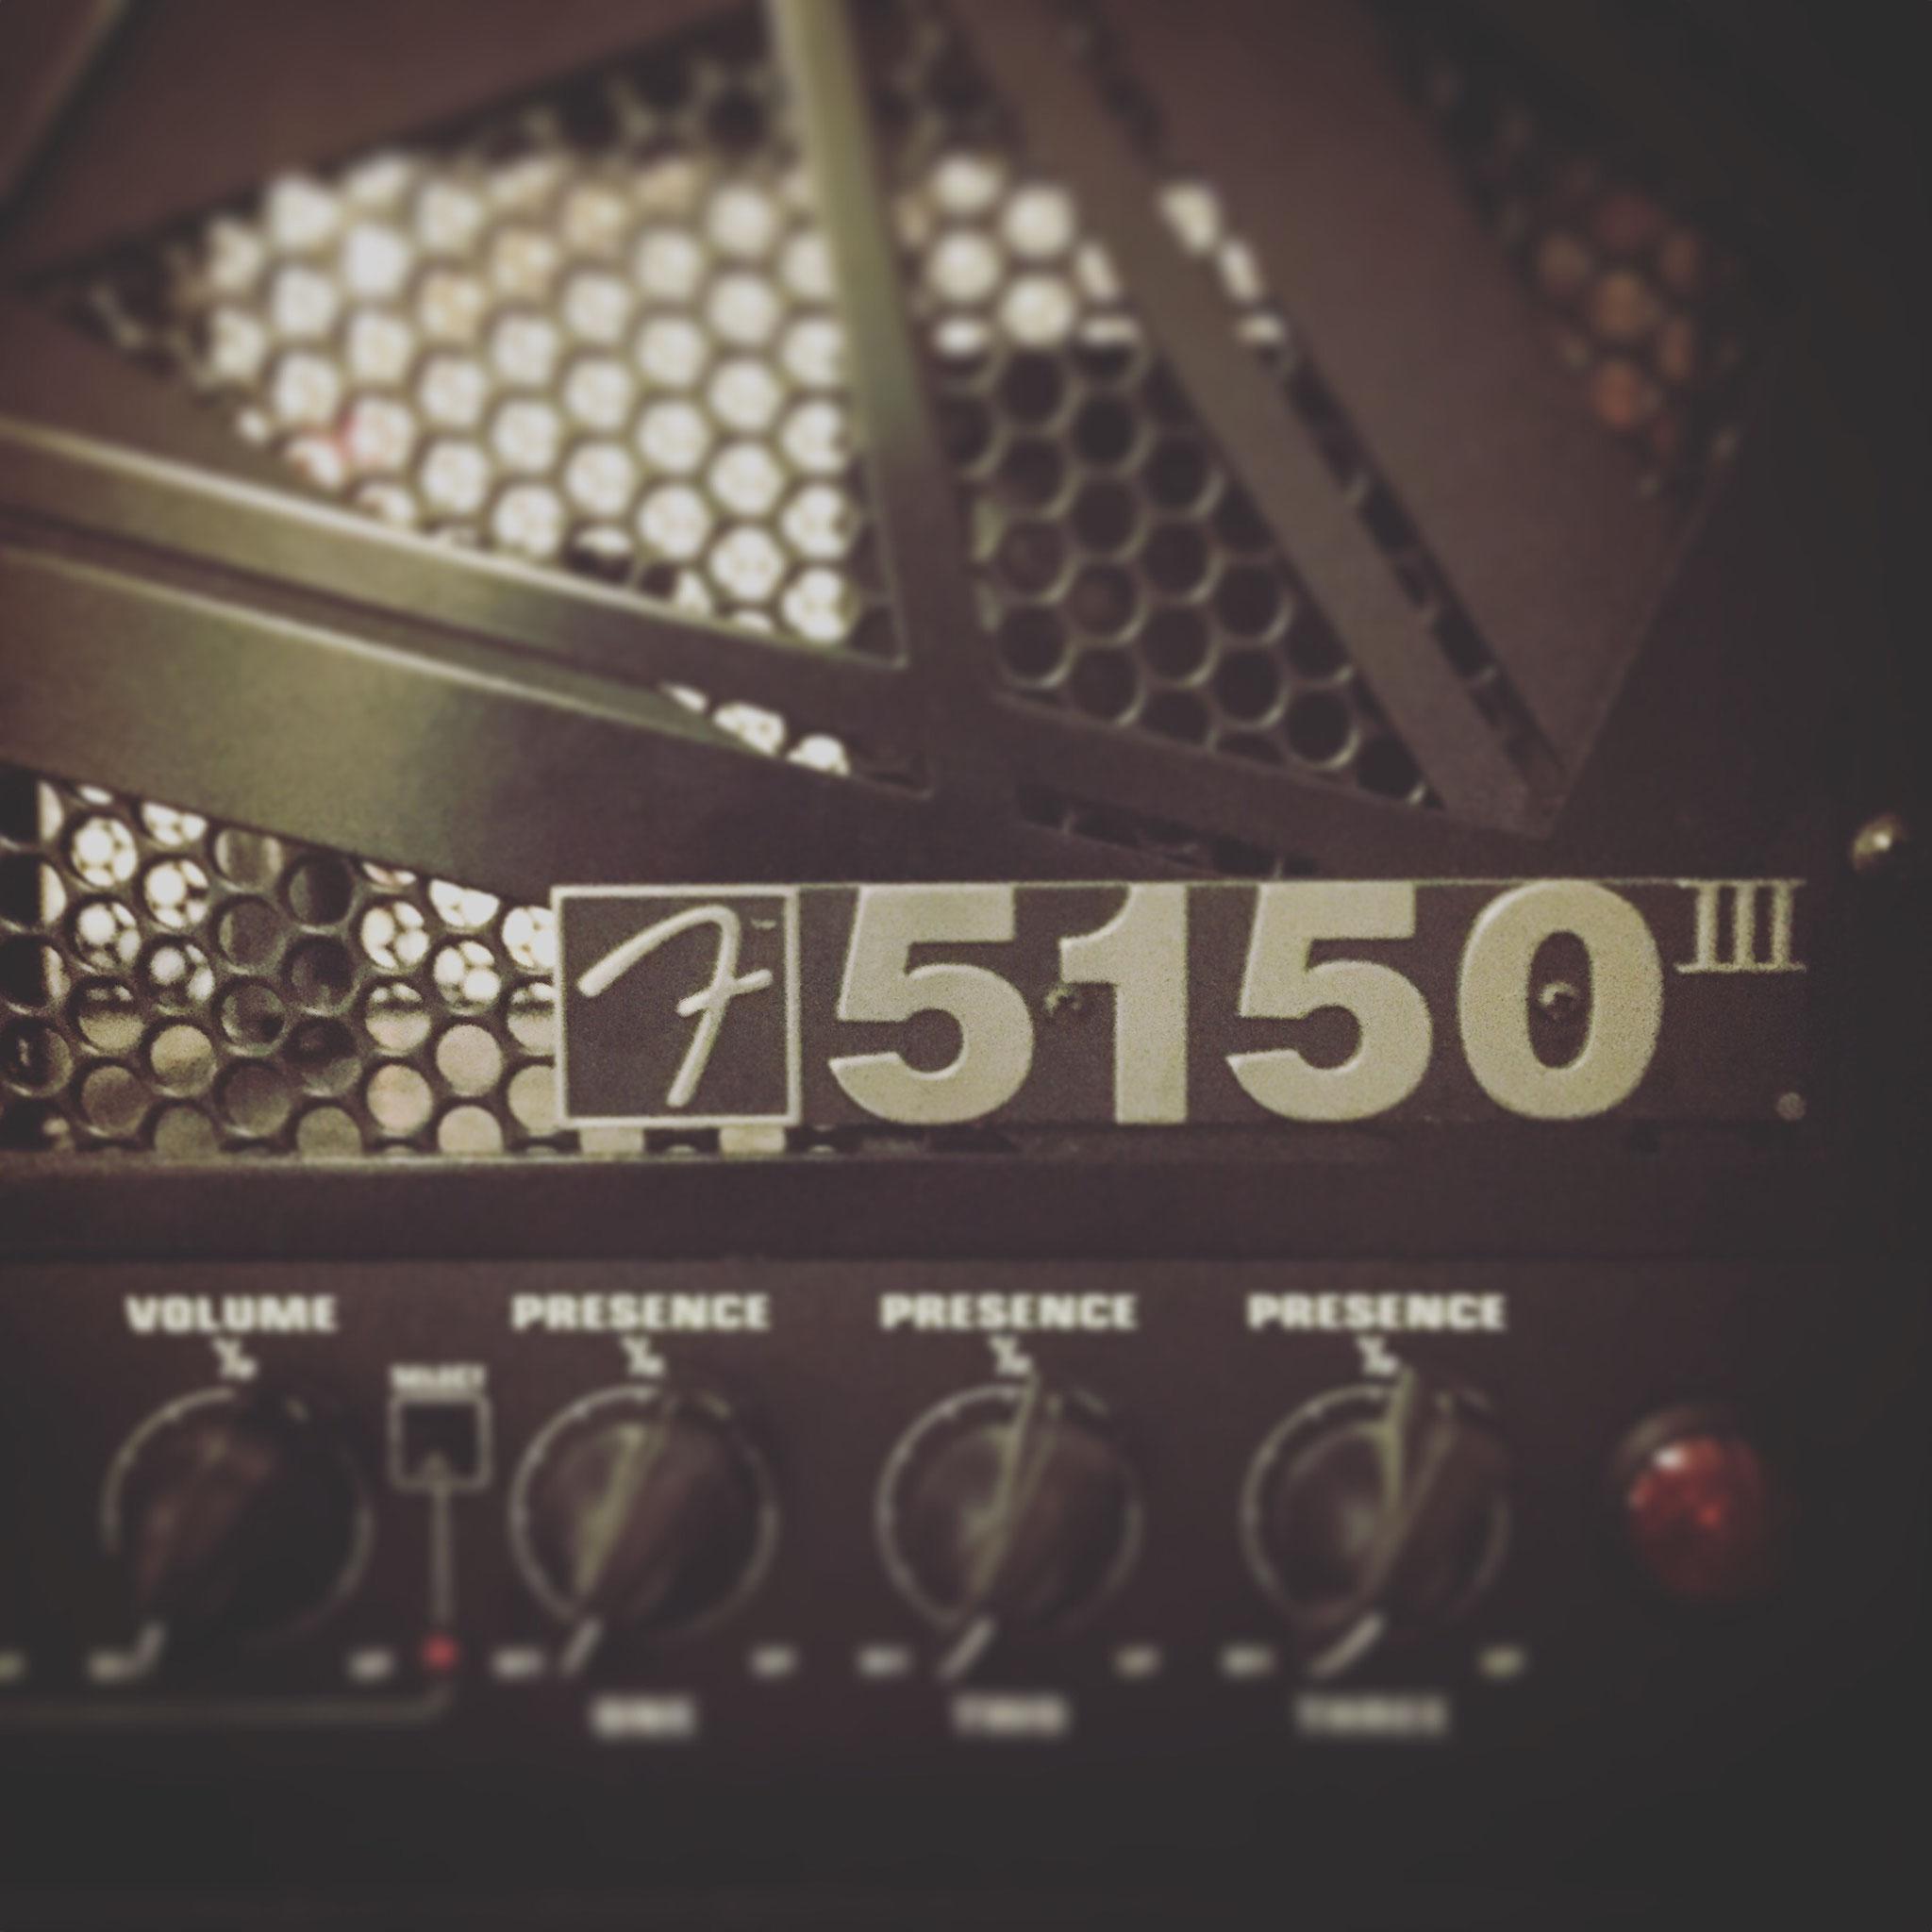 エディーのツアー用MODが施された限定、「フェンダーEVH5150Ⅲステルス」